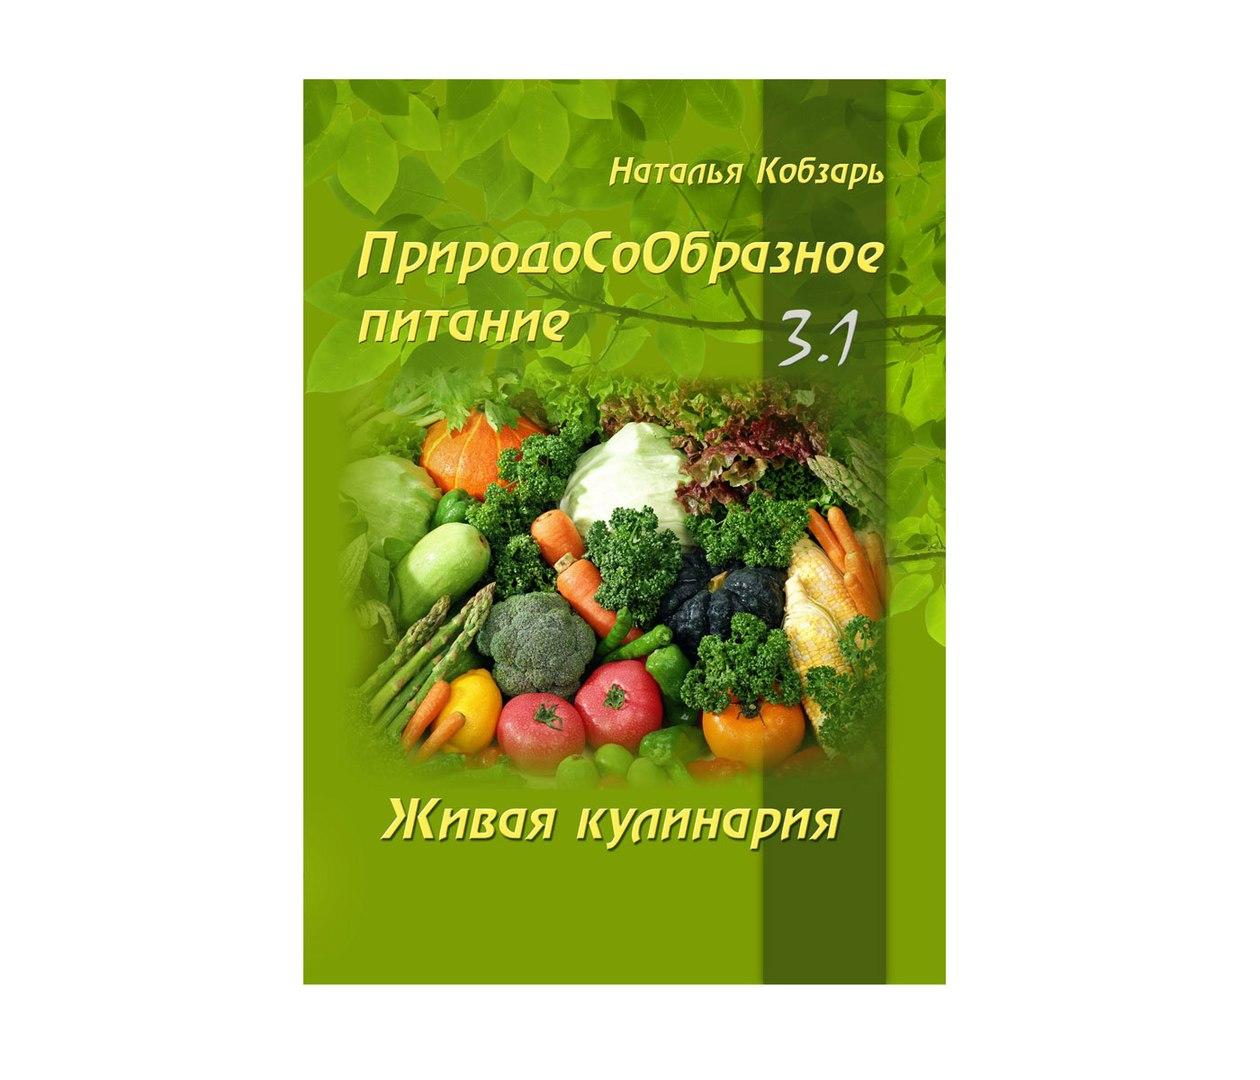 ПриродоСоОбразное питание. Живая кулинария. Часть 3-1 / Кобзарь Н.